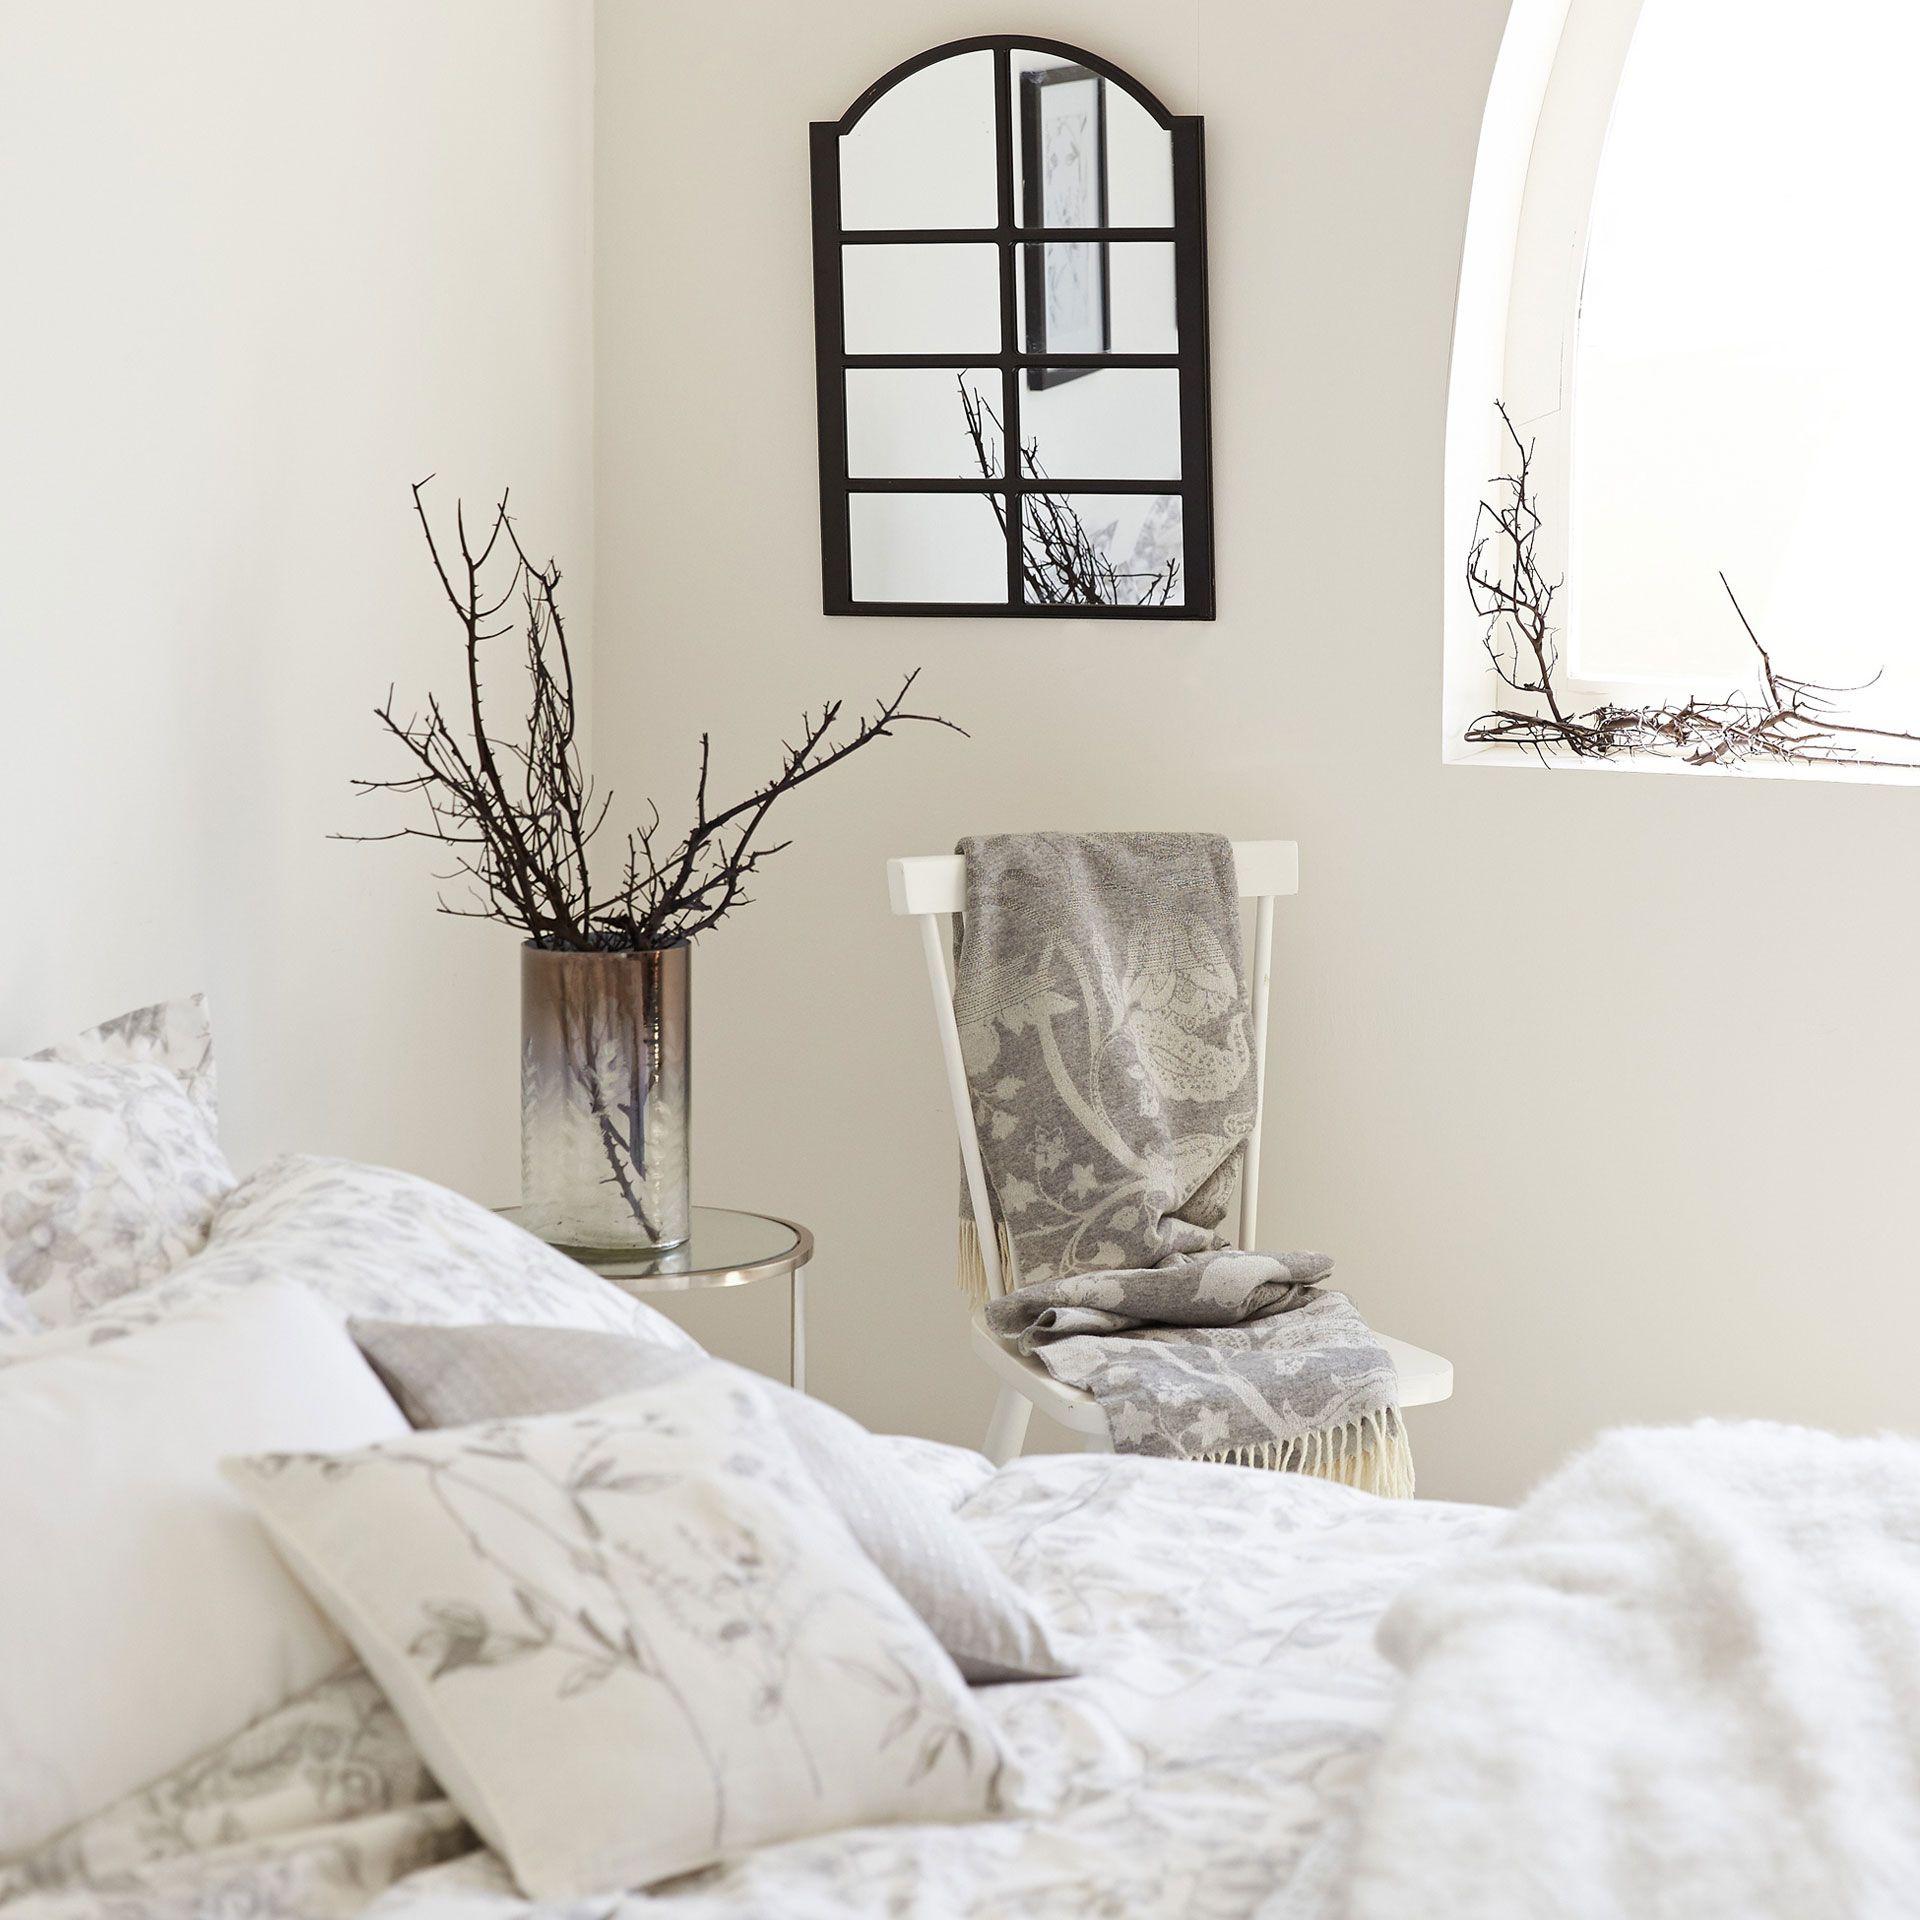 Espelhos decora o zara home portugal interiors - Zara home portugal ...